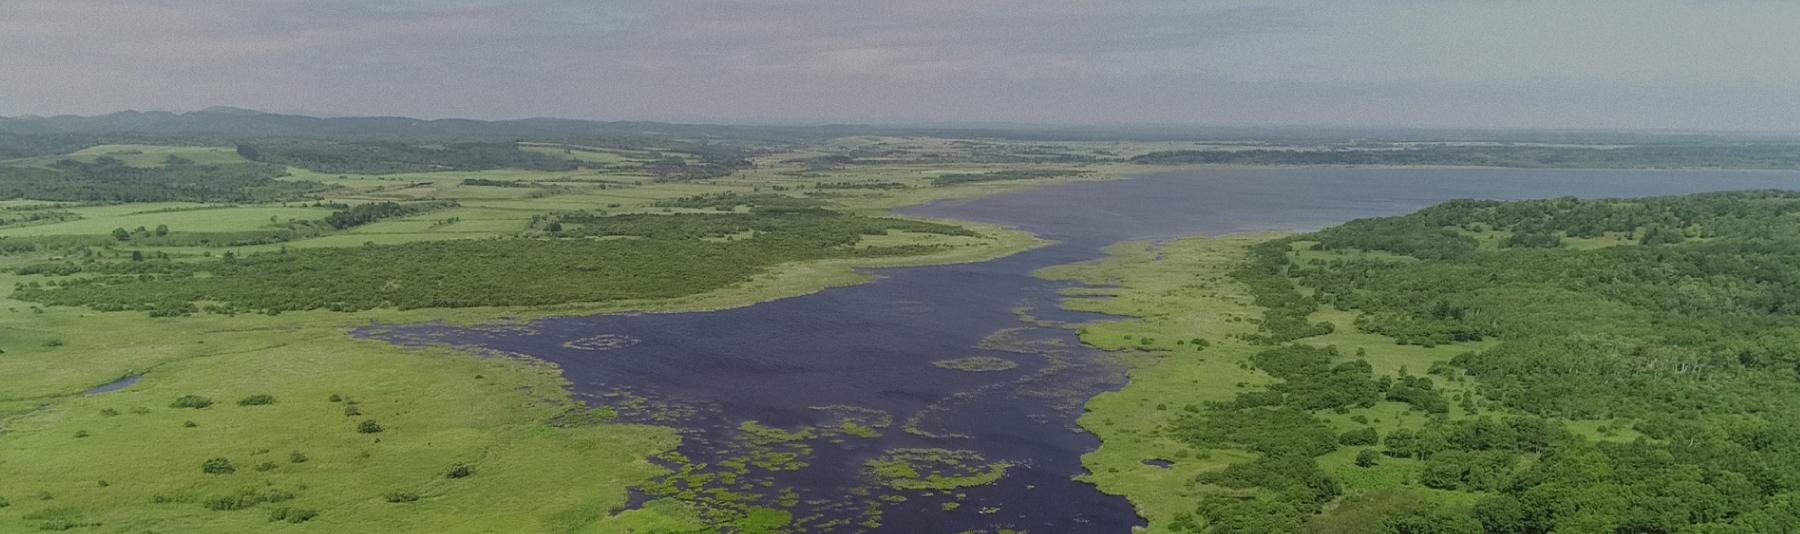 クッチャロ湖イメージ画像